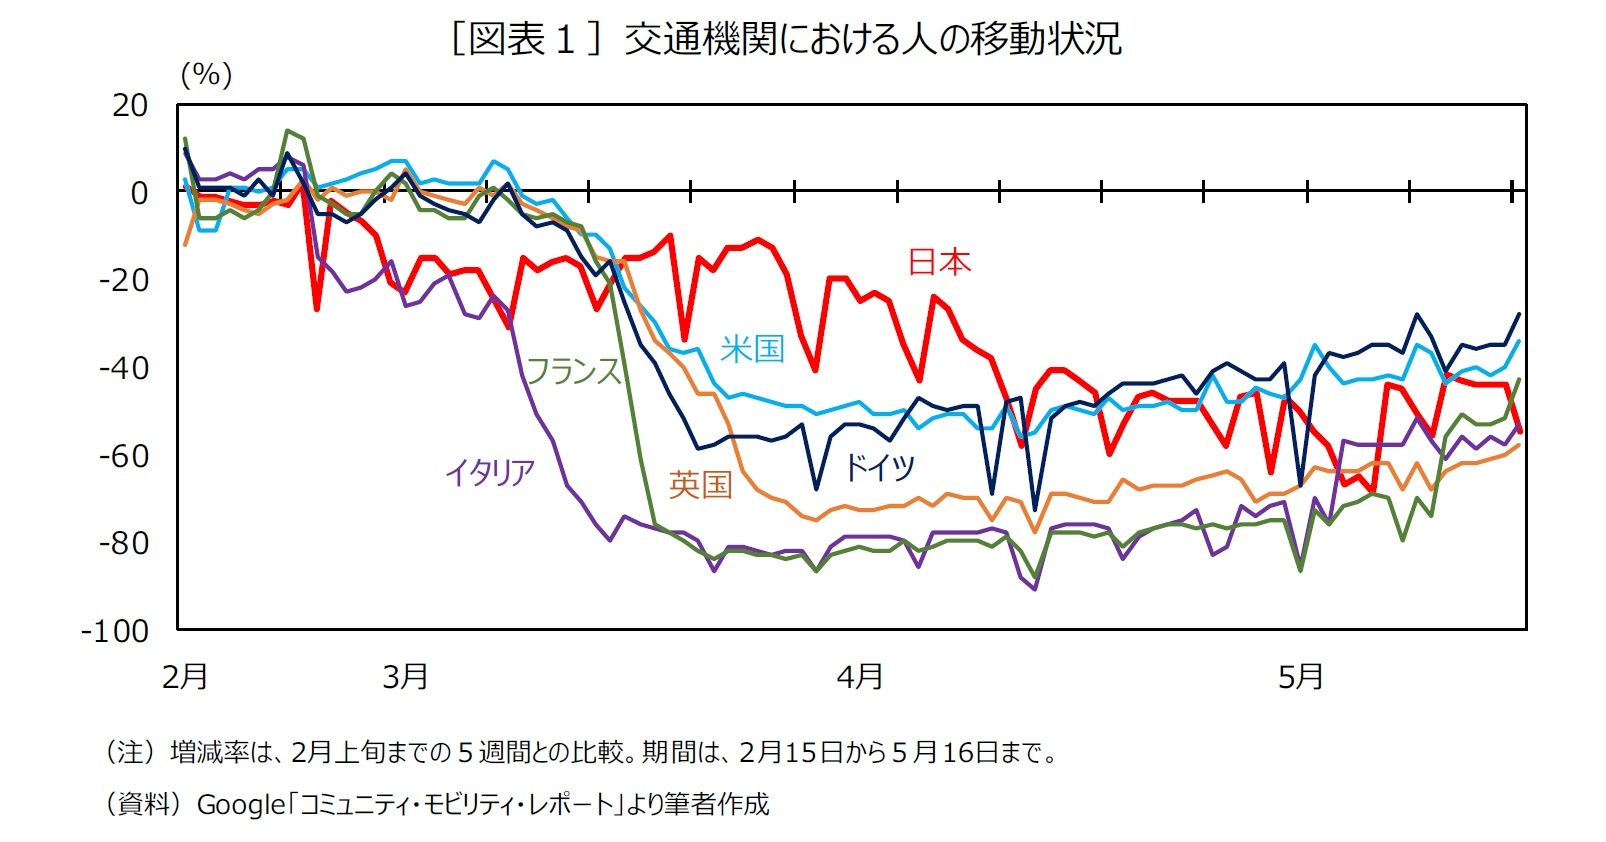 [図表1]交通機関における人の移動状況